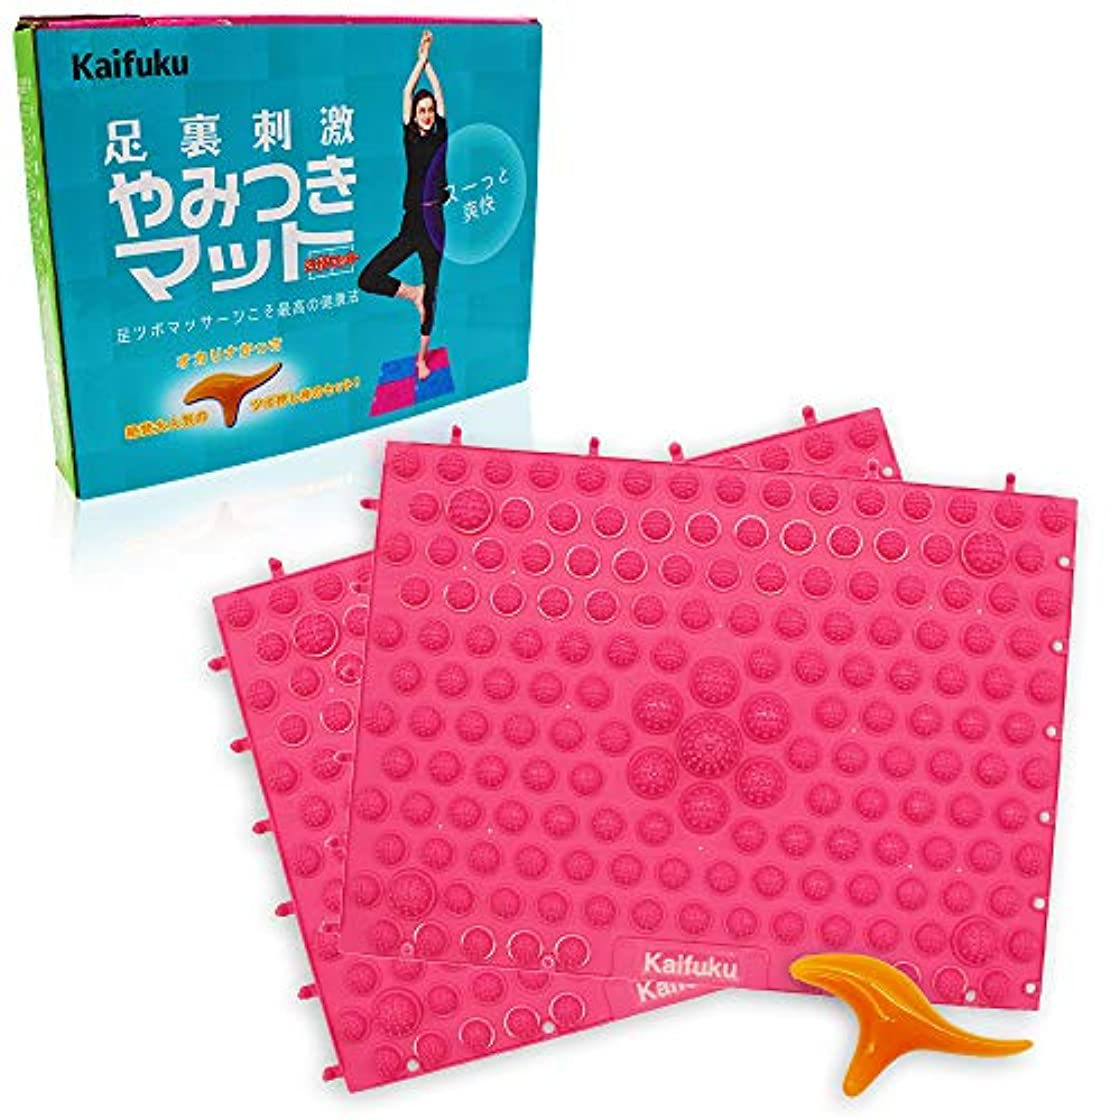 不信計算する顕著kaifuku 足つぼマット 足つぼ 足裏マッサージ 足つぼマッサージ ツボ押し (ピンク)